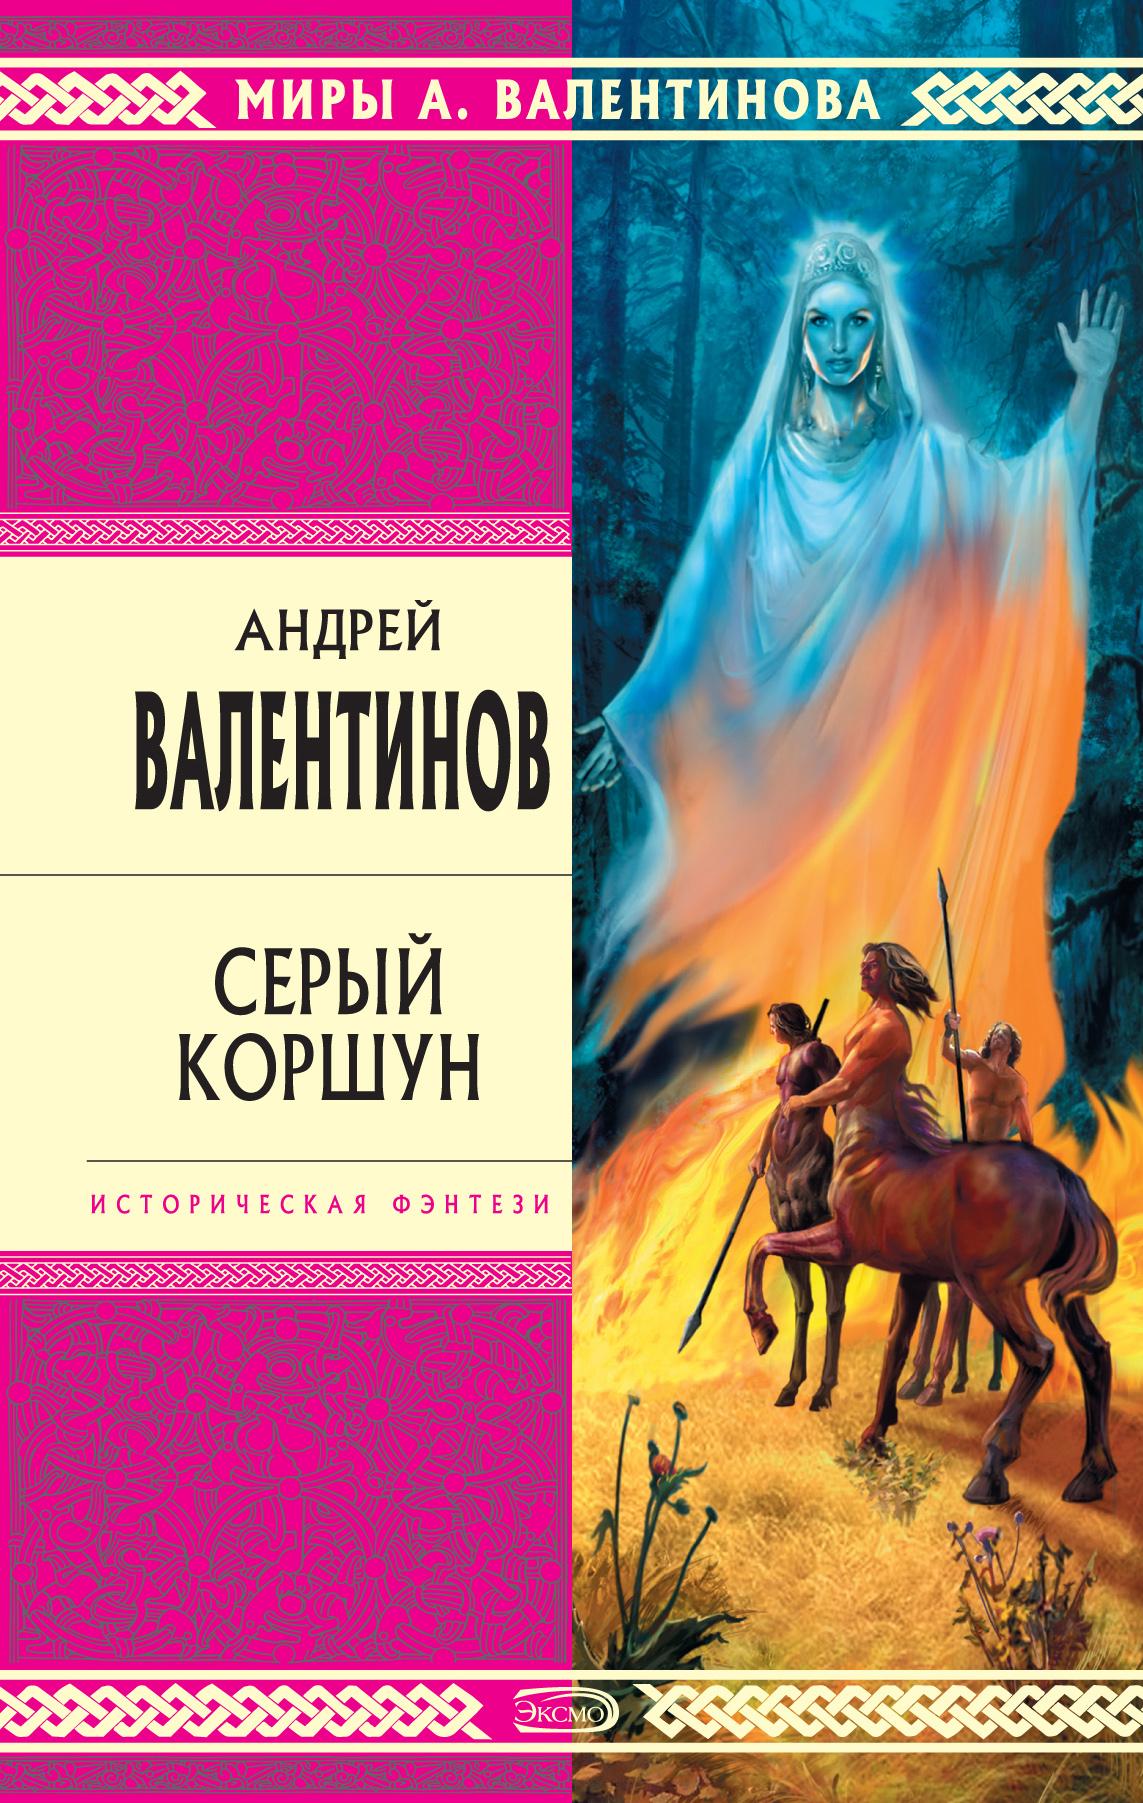 Андрей Валентинов «Серый коршун»